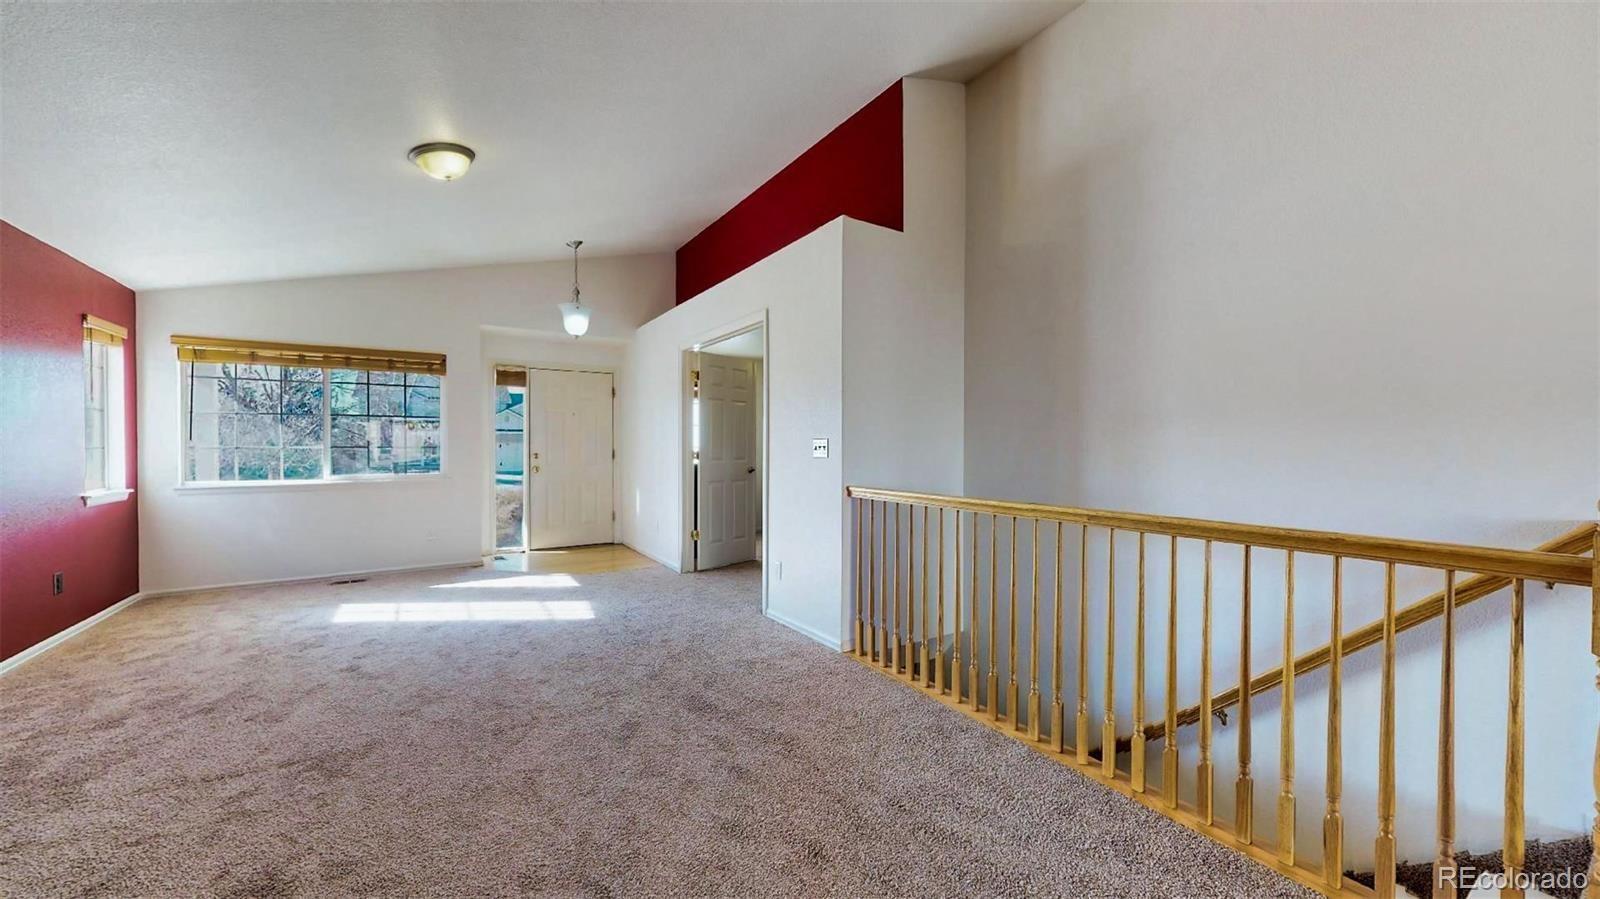 MLS# 1663875 - 12 - 608 Olympia Avenue, Longmont, CO 80504